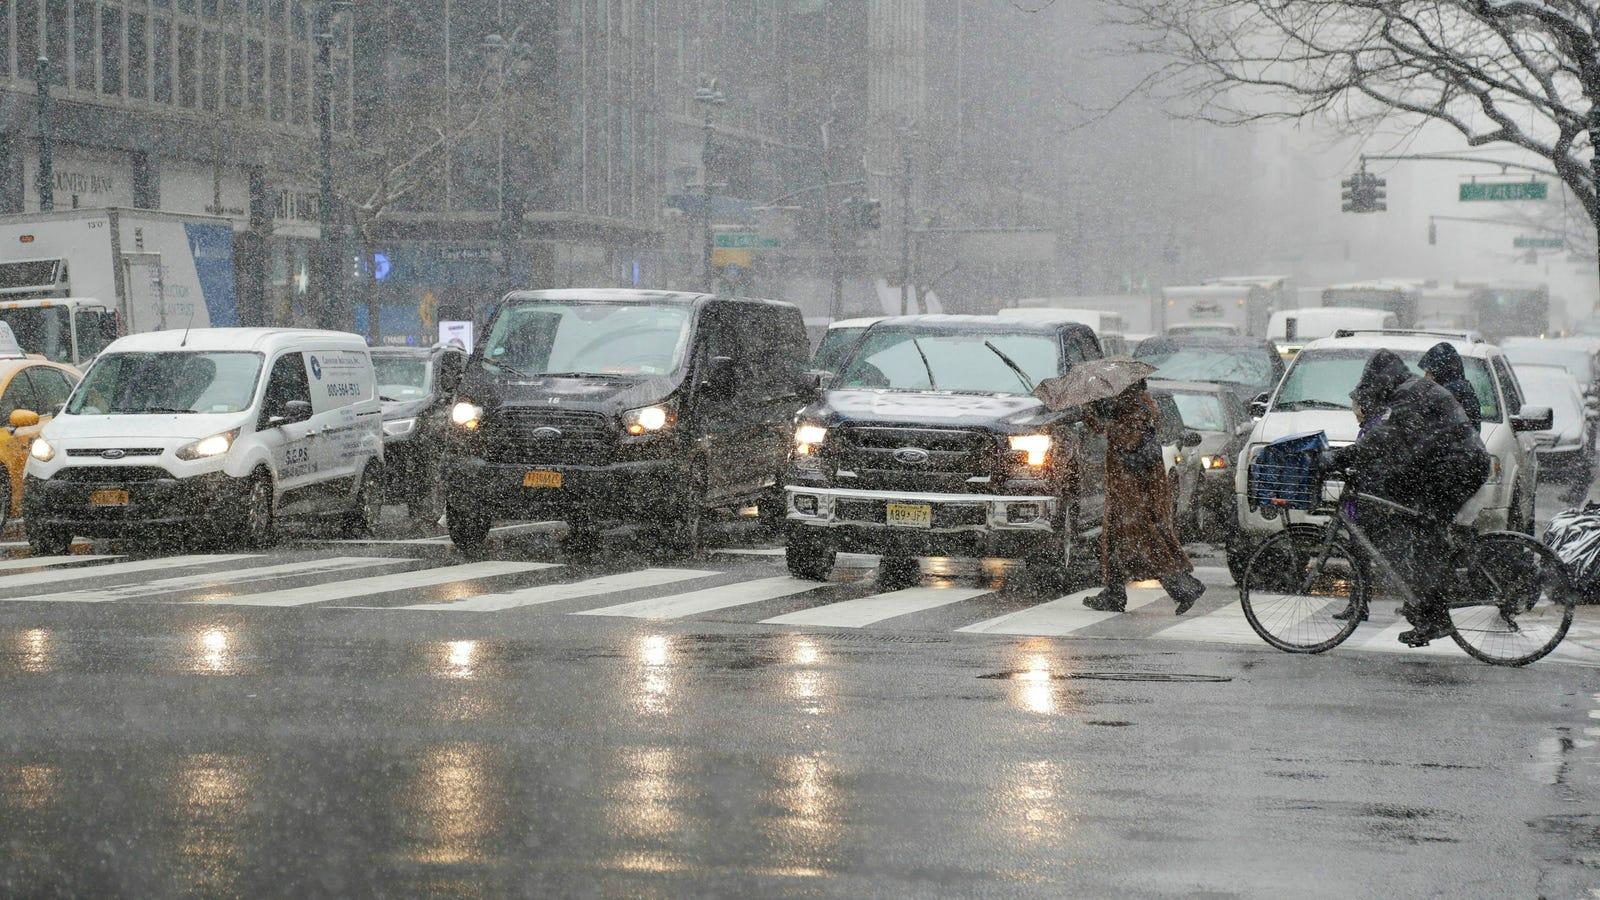 56c70c82c The Roads Are Dangerous